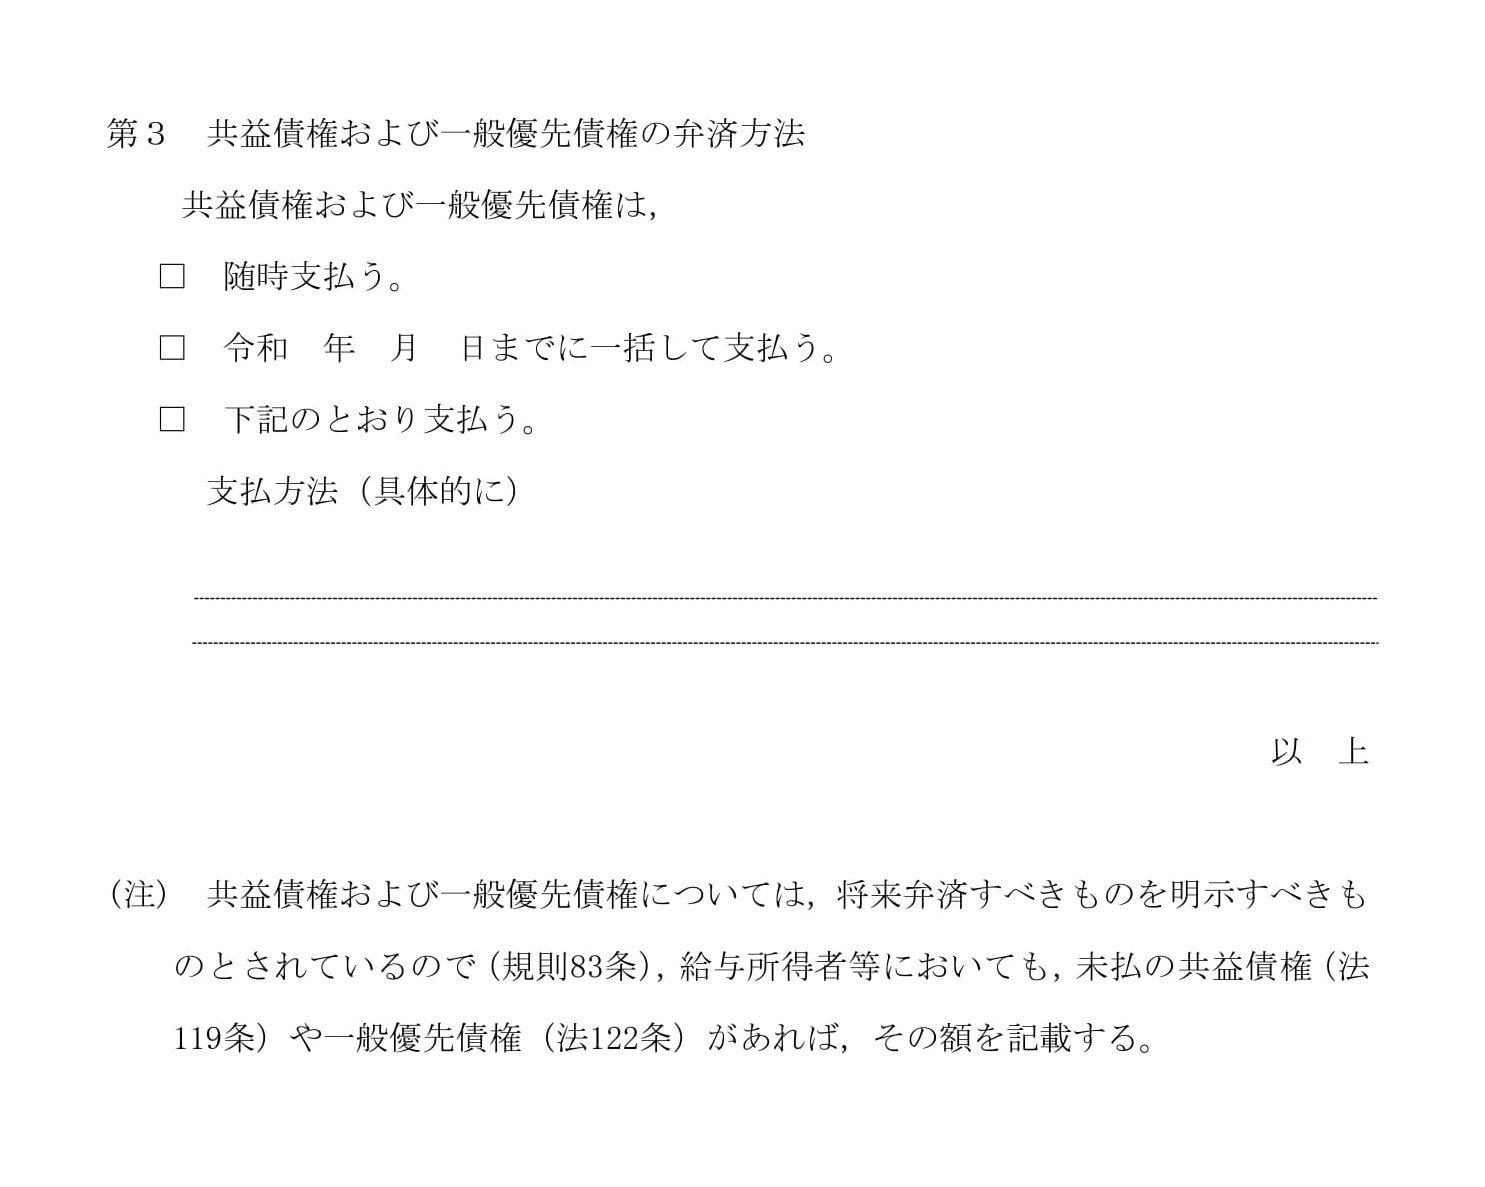 会員登録不要で無料でダウンロードできる再生計画案04-2のテンプレート書式